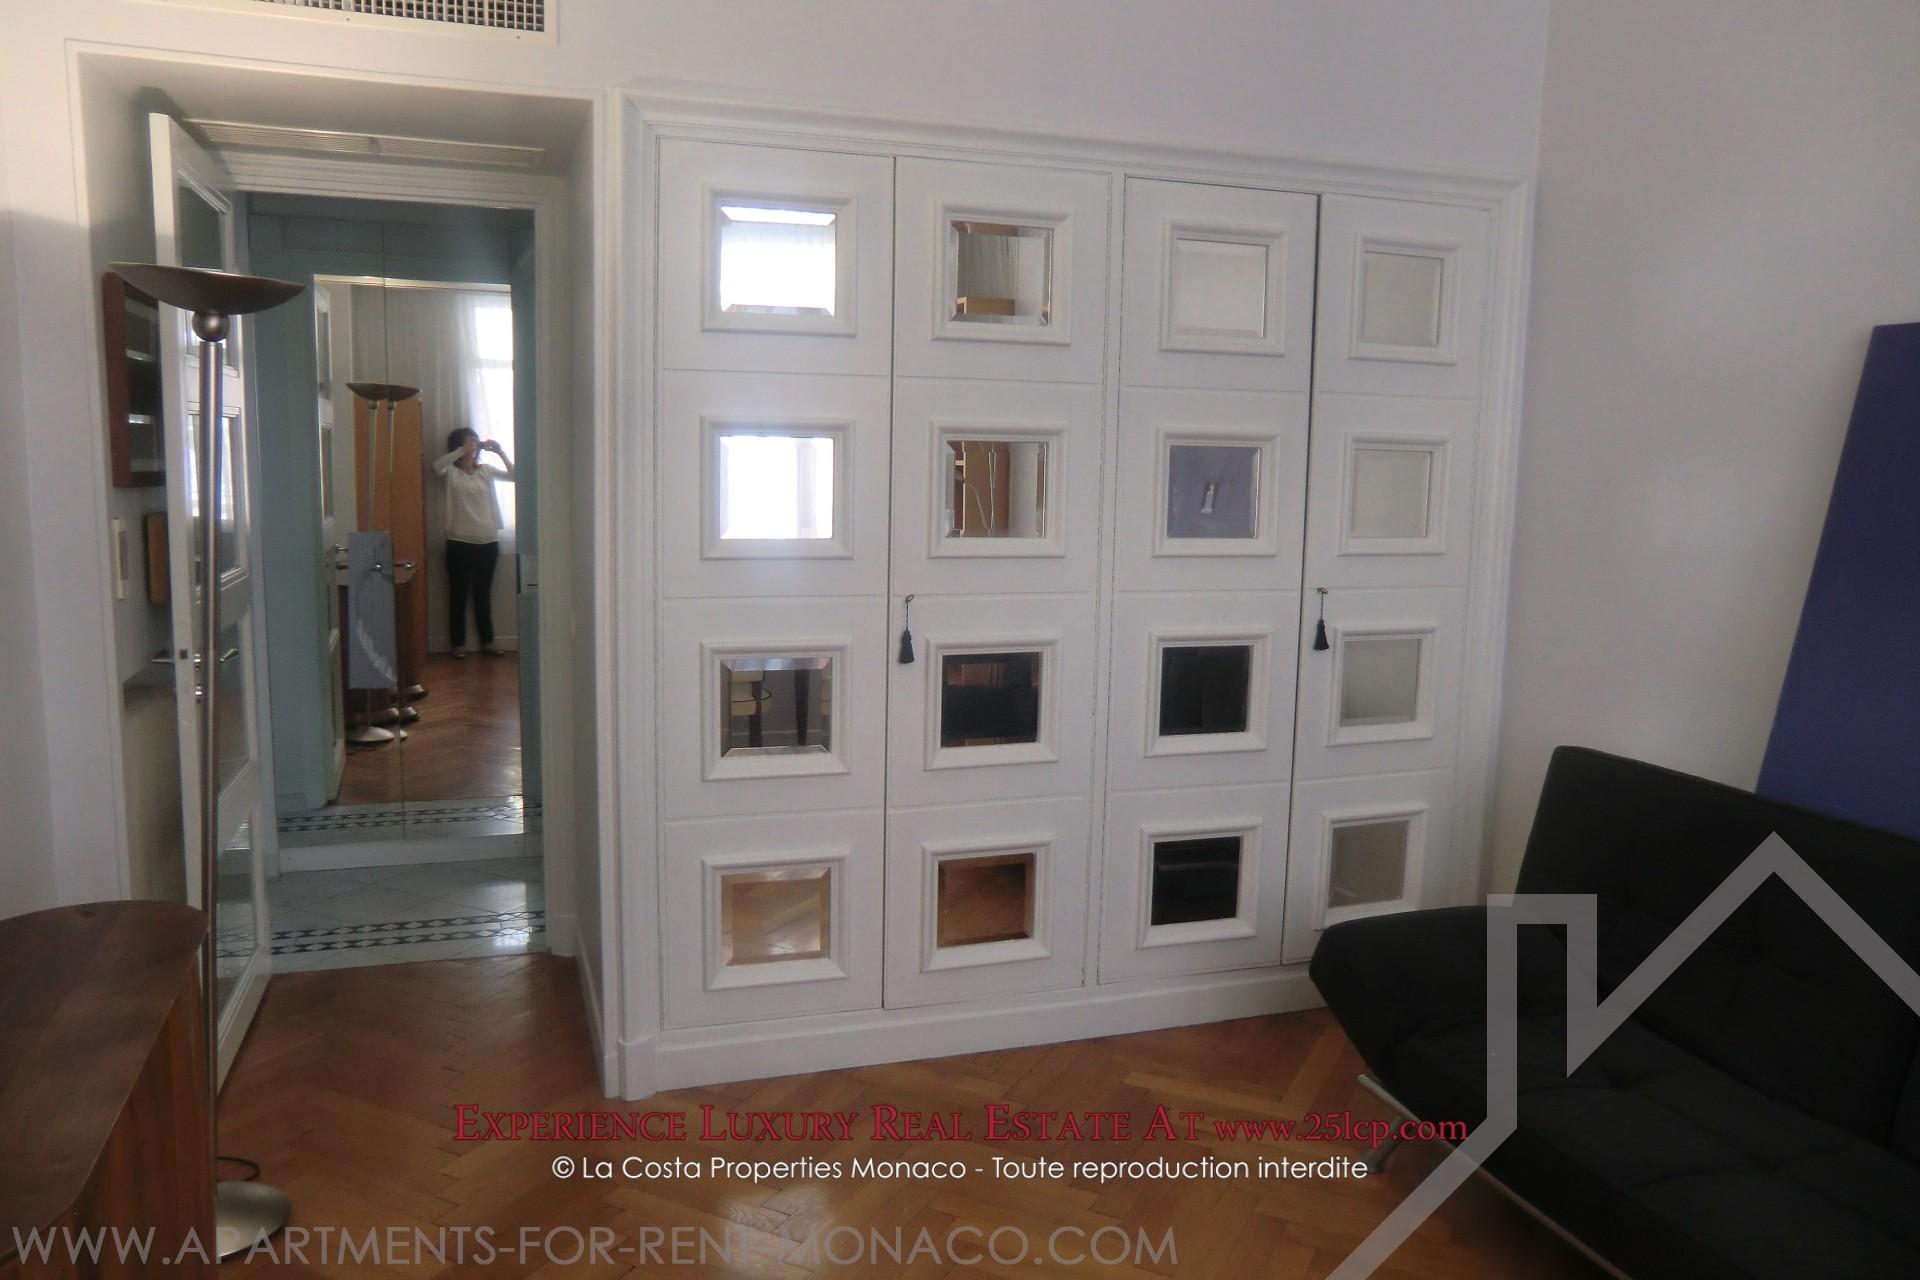 Giardino esotico 3 camere in affitto appartamenti da for Camere affitto